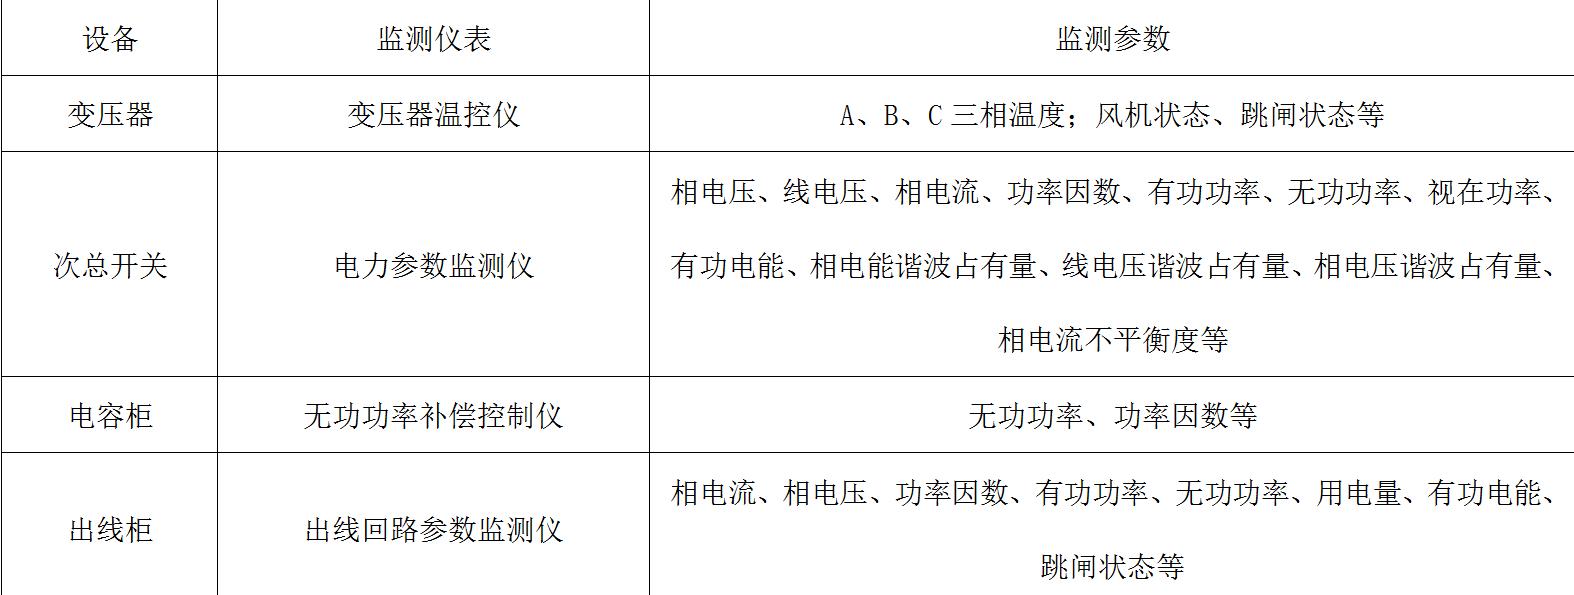 赢咖4娱乐代理-首页【1.1.32】